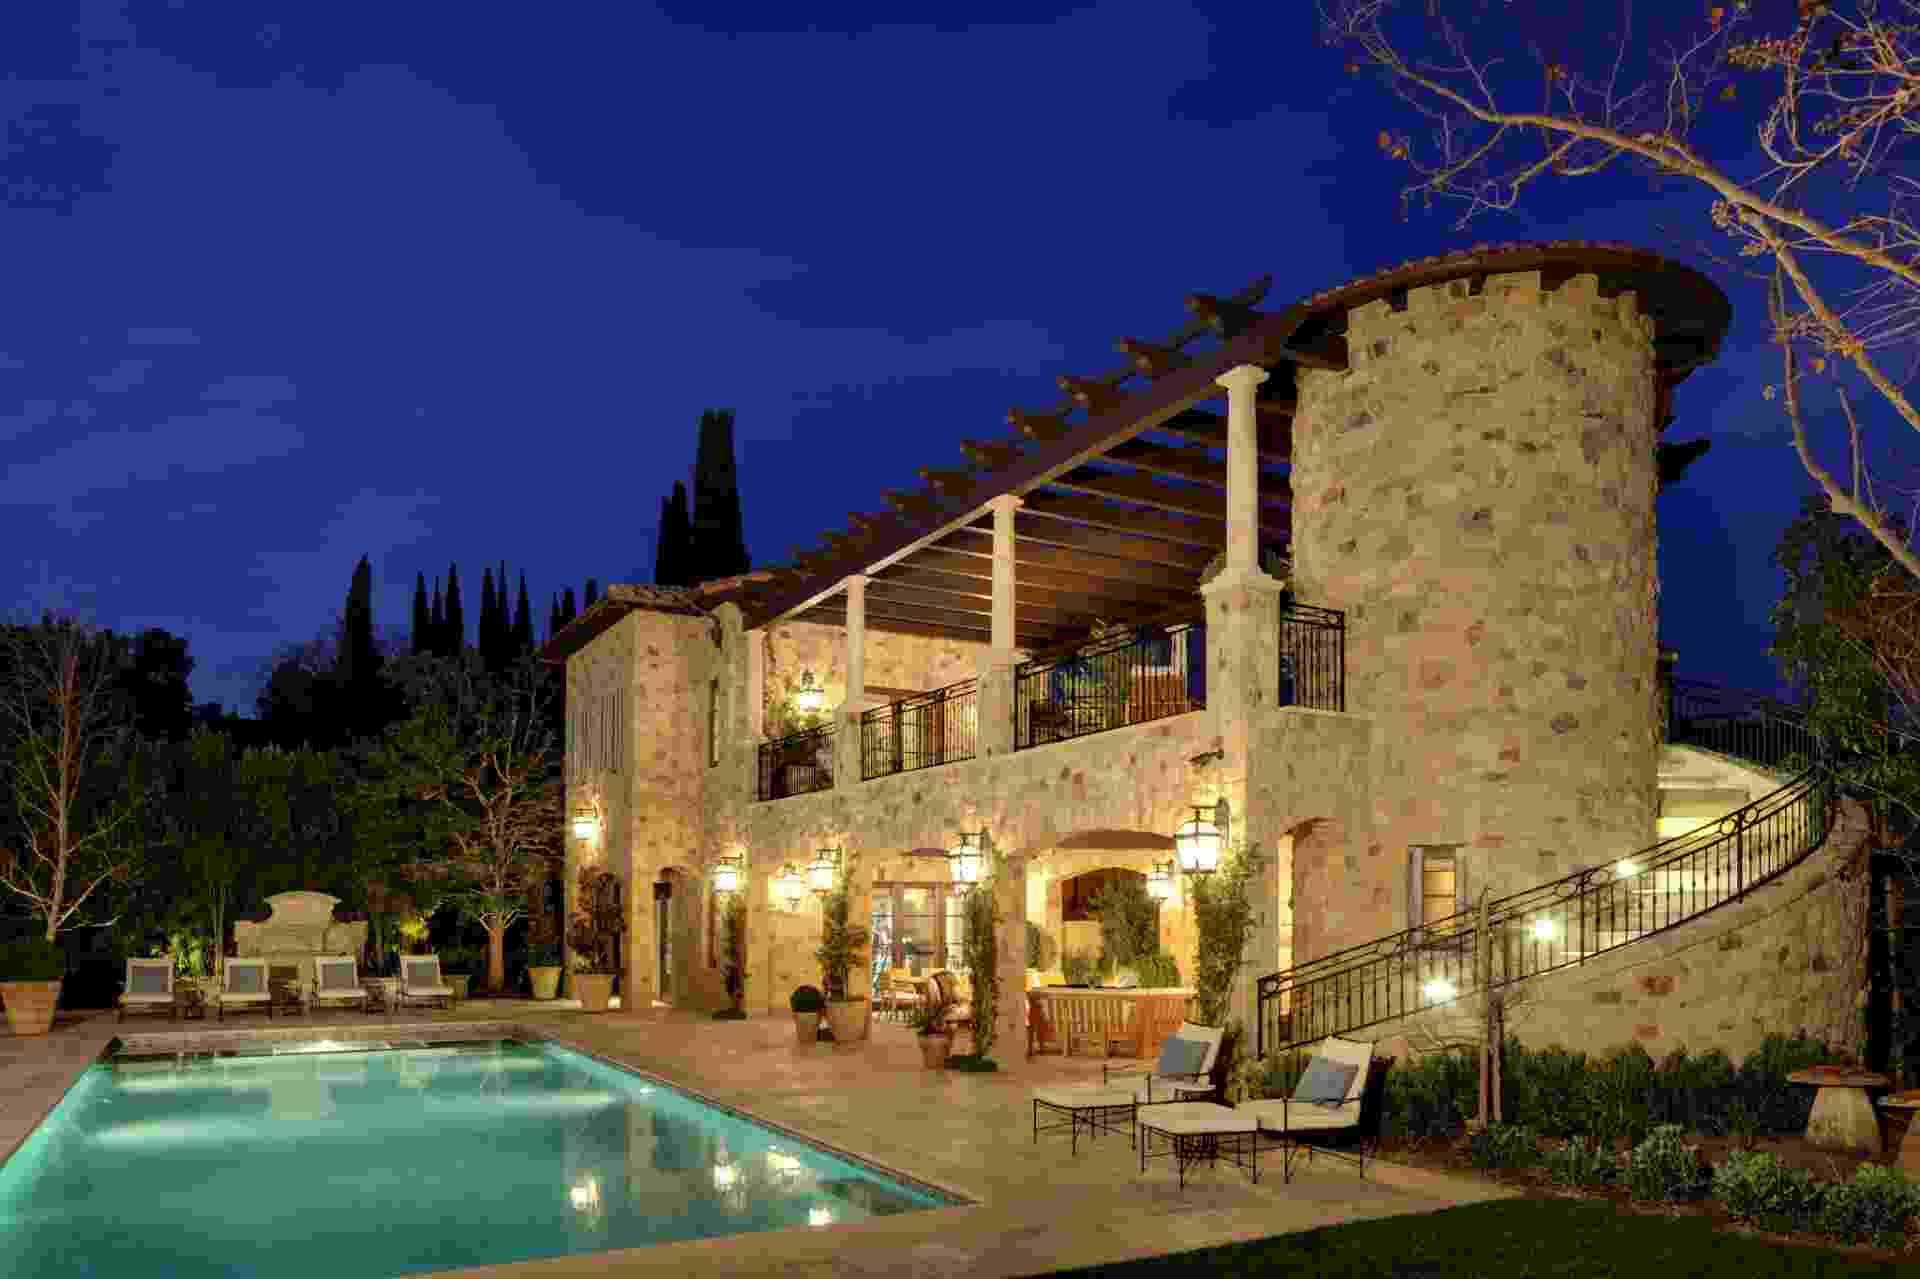 """(Imagem do NYT, usar apenas no respectivo material) Esta villa Italiana com inspiração na Toscana foi projetada pelo arquiteto Richard Landry na Califórnia. Responsável por diversas casas dos chamados """"1%"""" - ou seja, os detentores da maior parte da riqueza norte-americana - o arquiteto não julga seus clientes, mima-os. Todavia, Landry tem fama de cafona frente aos críticos da arquitetura - Trevor Tondro/ The New York Times"""